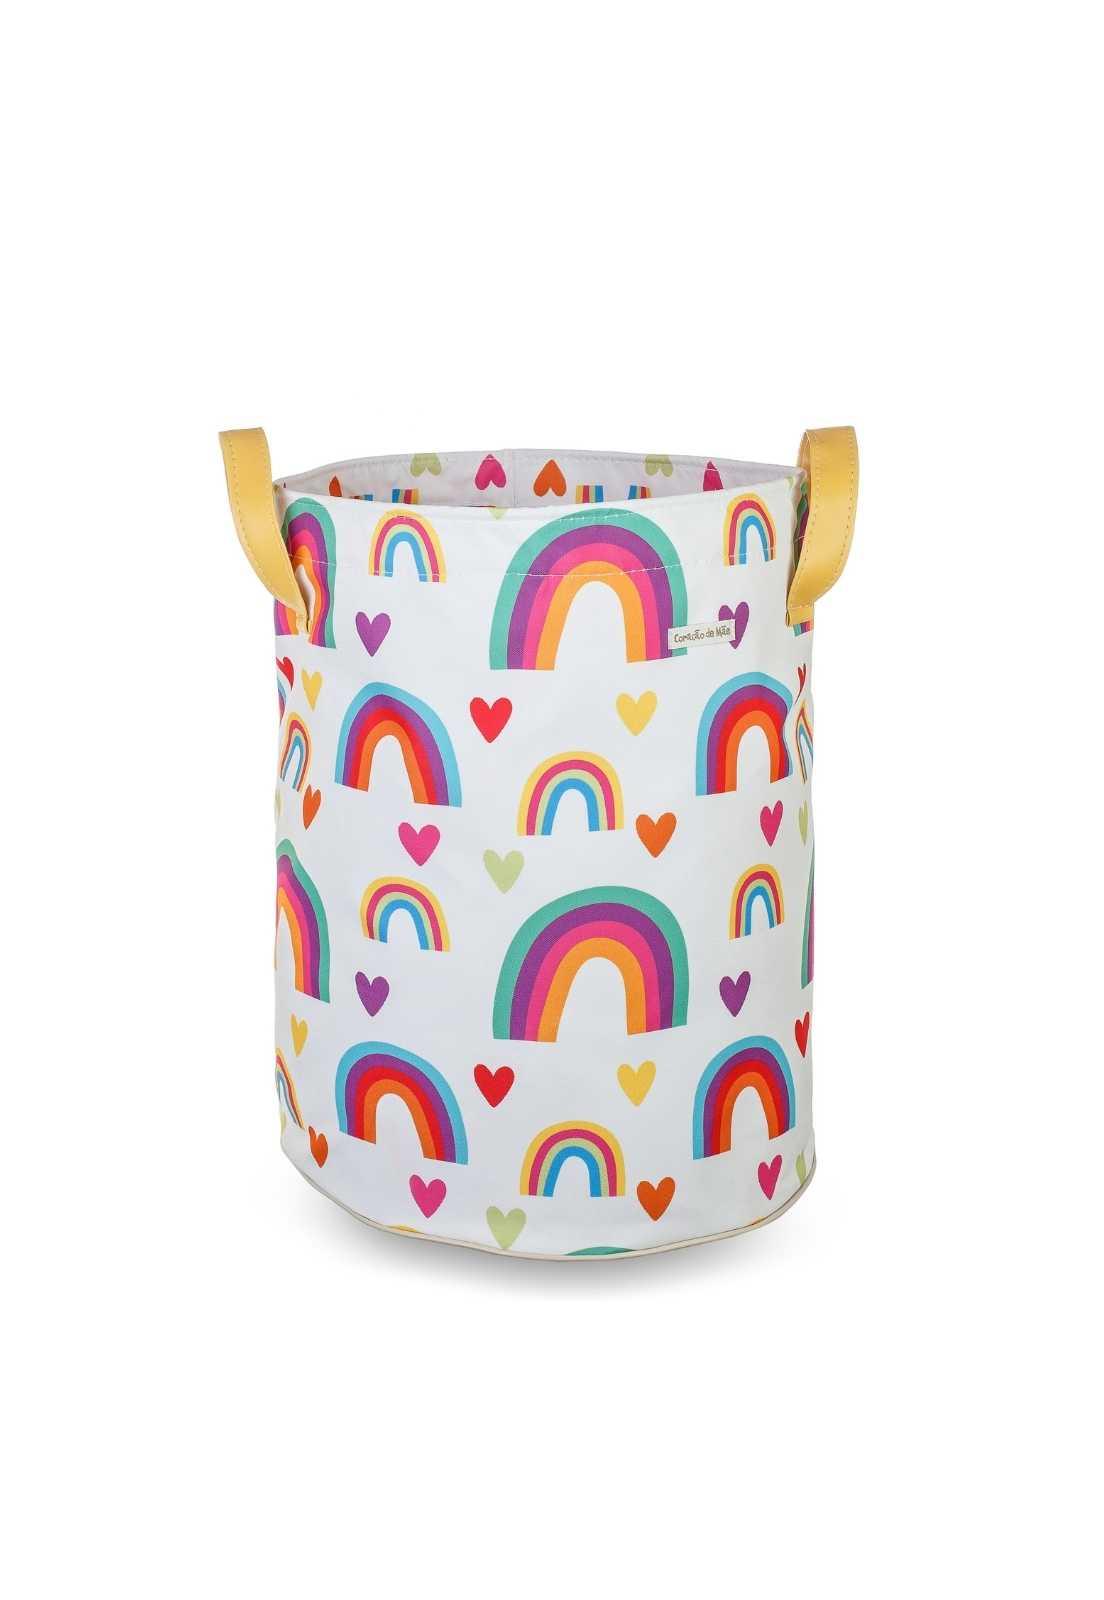 Saco de Brinquedos G -  Arco-íris Colorido, fundo Branco